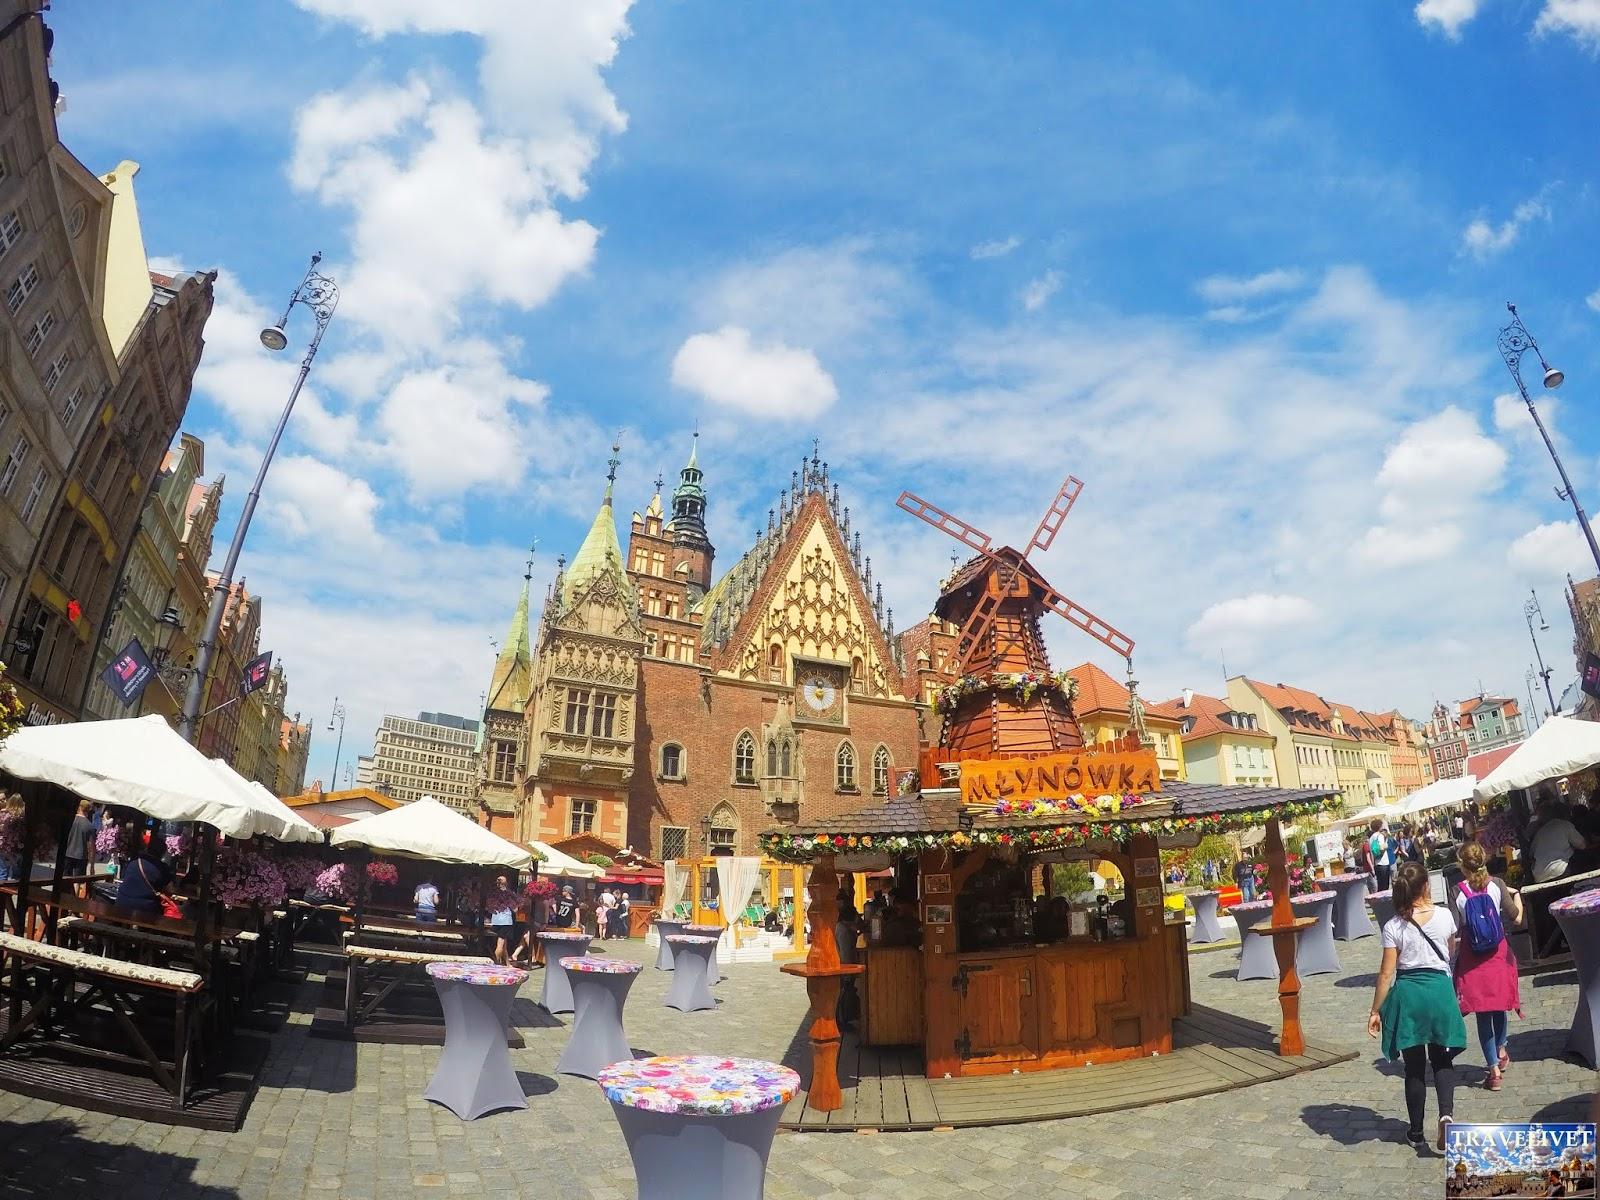 Pologne Wroclaw La place du marché